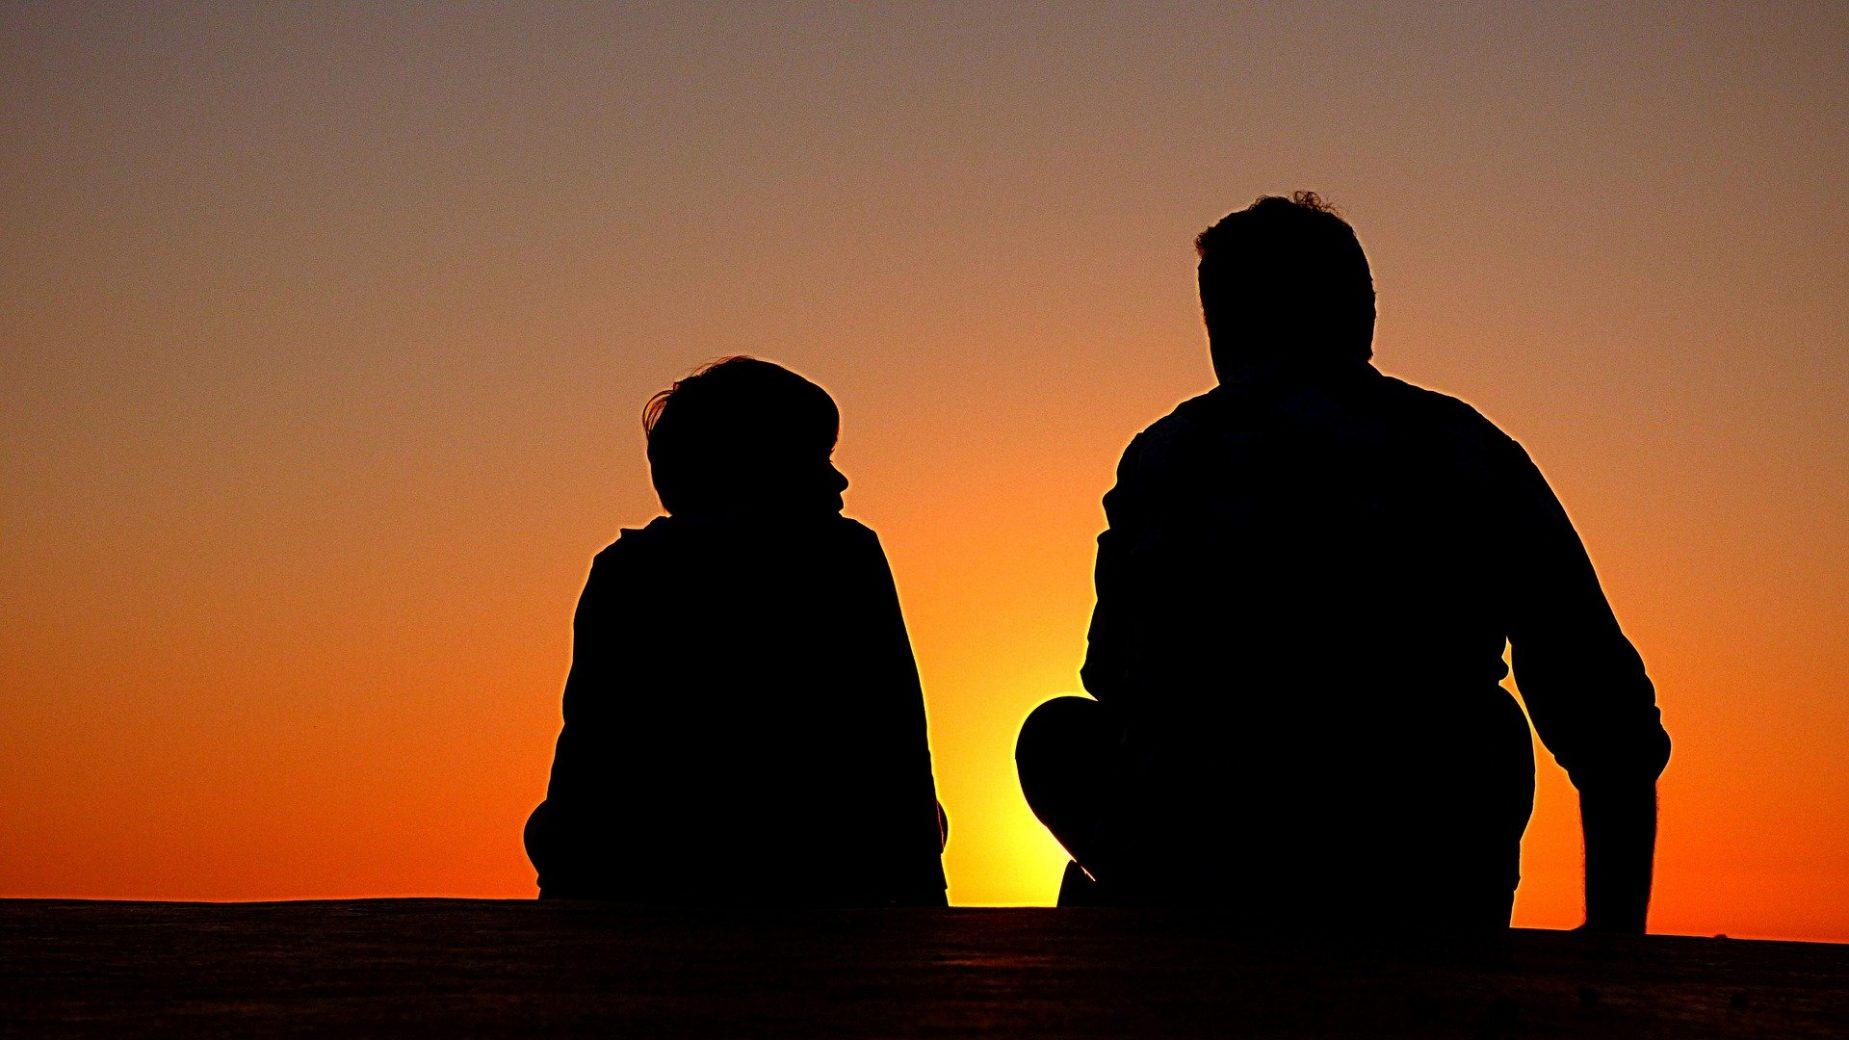 pere et fils silhouette 1082129 1920 - 18 simples conseils bons à suivre pour les plus jeunes